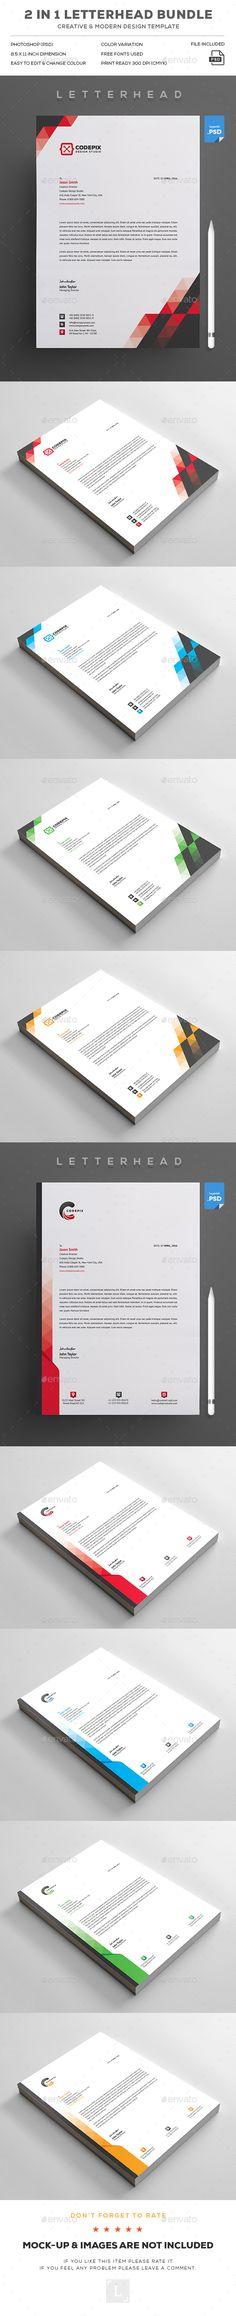 letter format on letterhead%0A formal letter of resignation